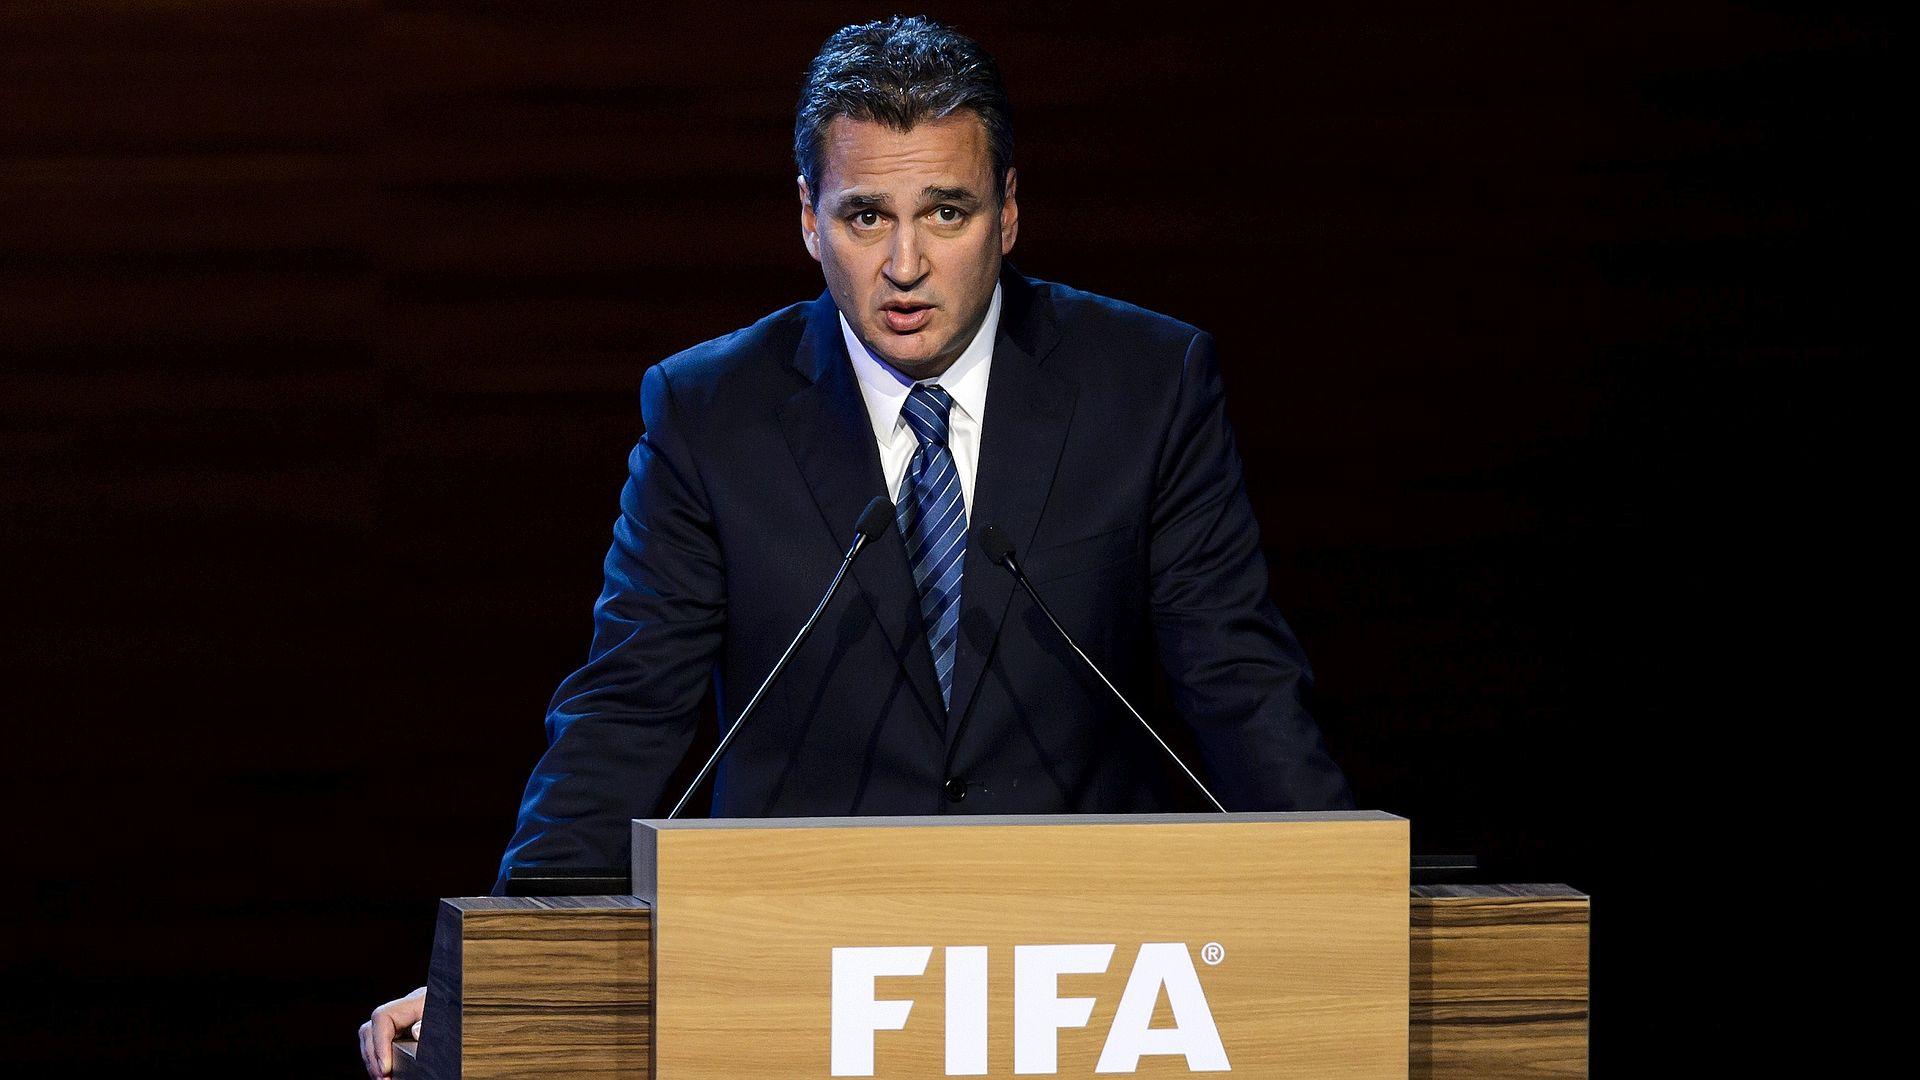 Russland und Katar sehen sich durch Fifa-Bericht rehabilitiert